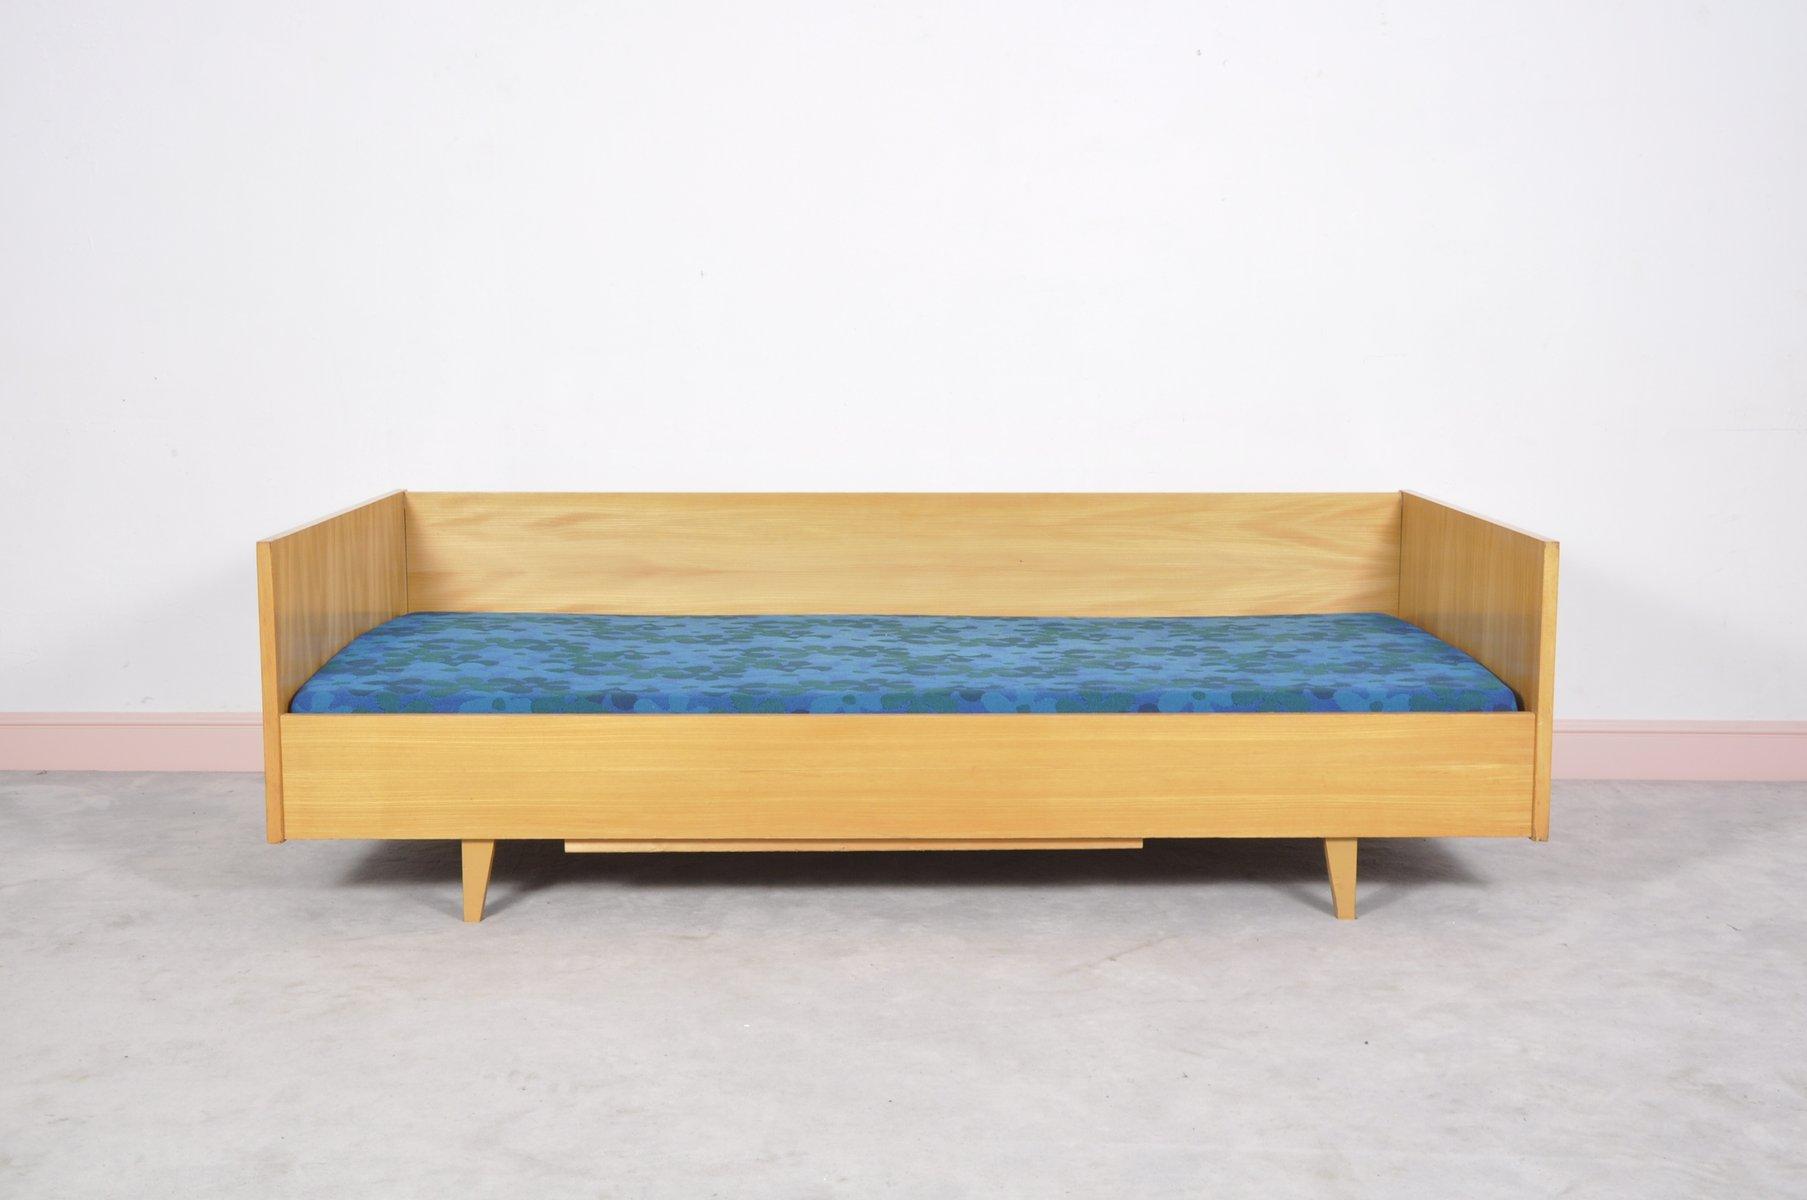 deutsches mid century schlafsofa mit gebl mtem bezug bei pamono kaufen. Black Bedroom Furniture Sets. Home Design Ideas